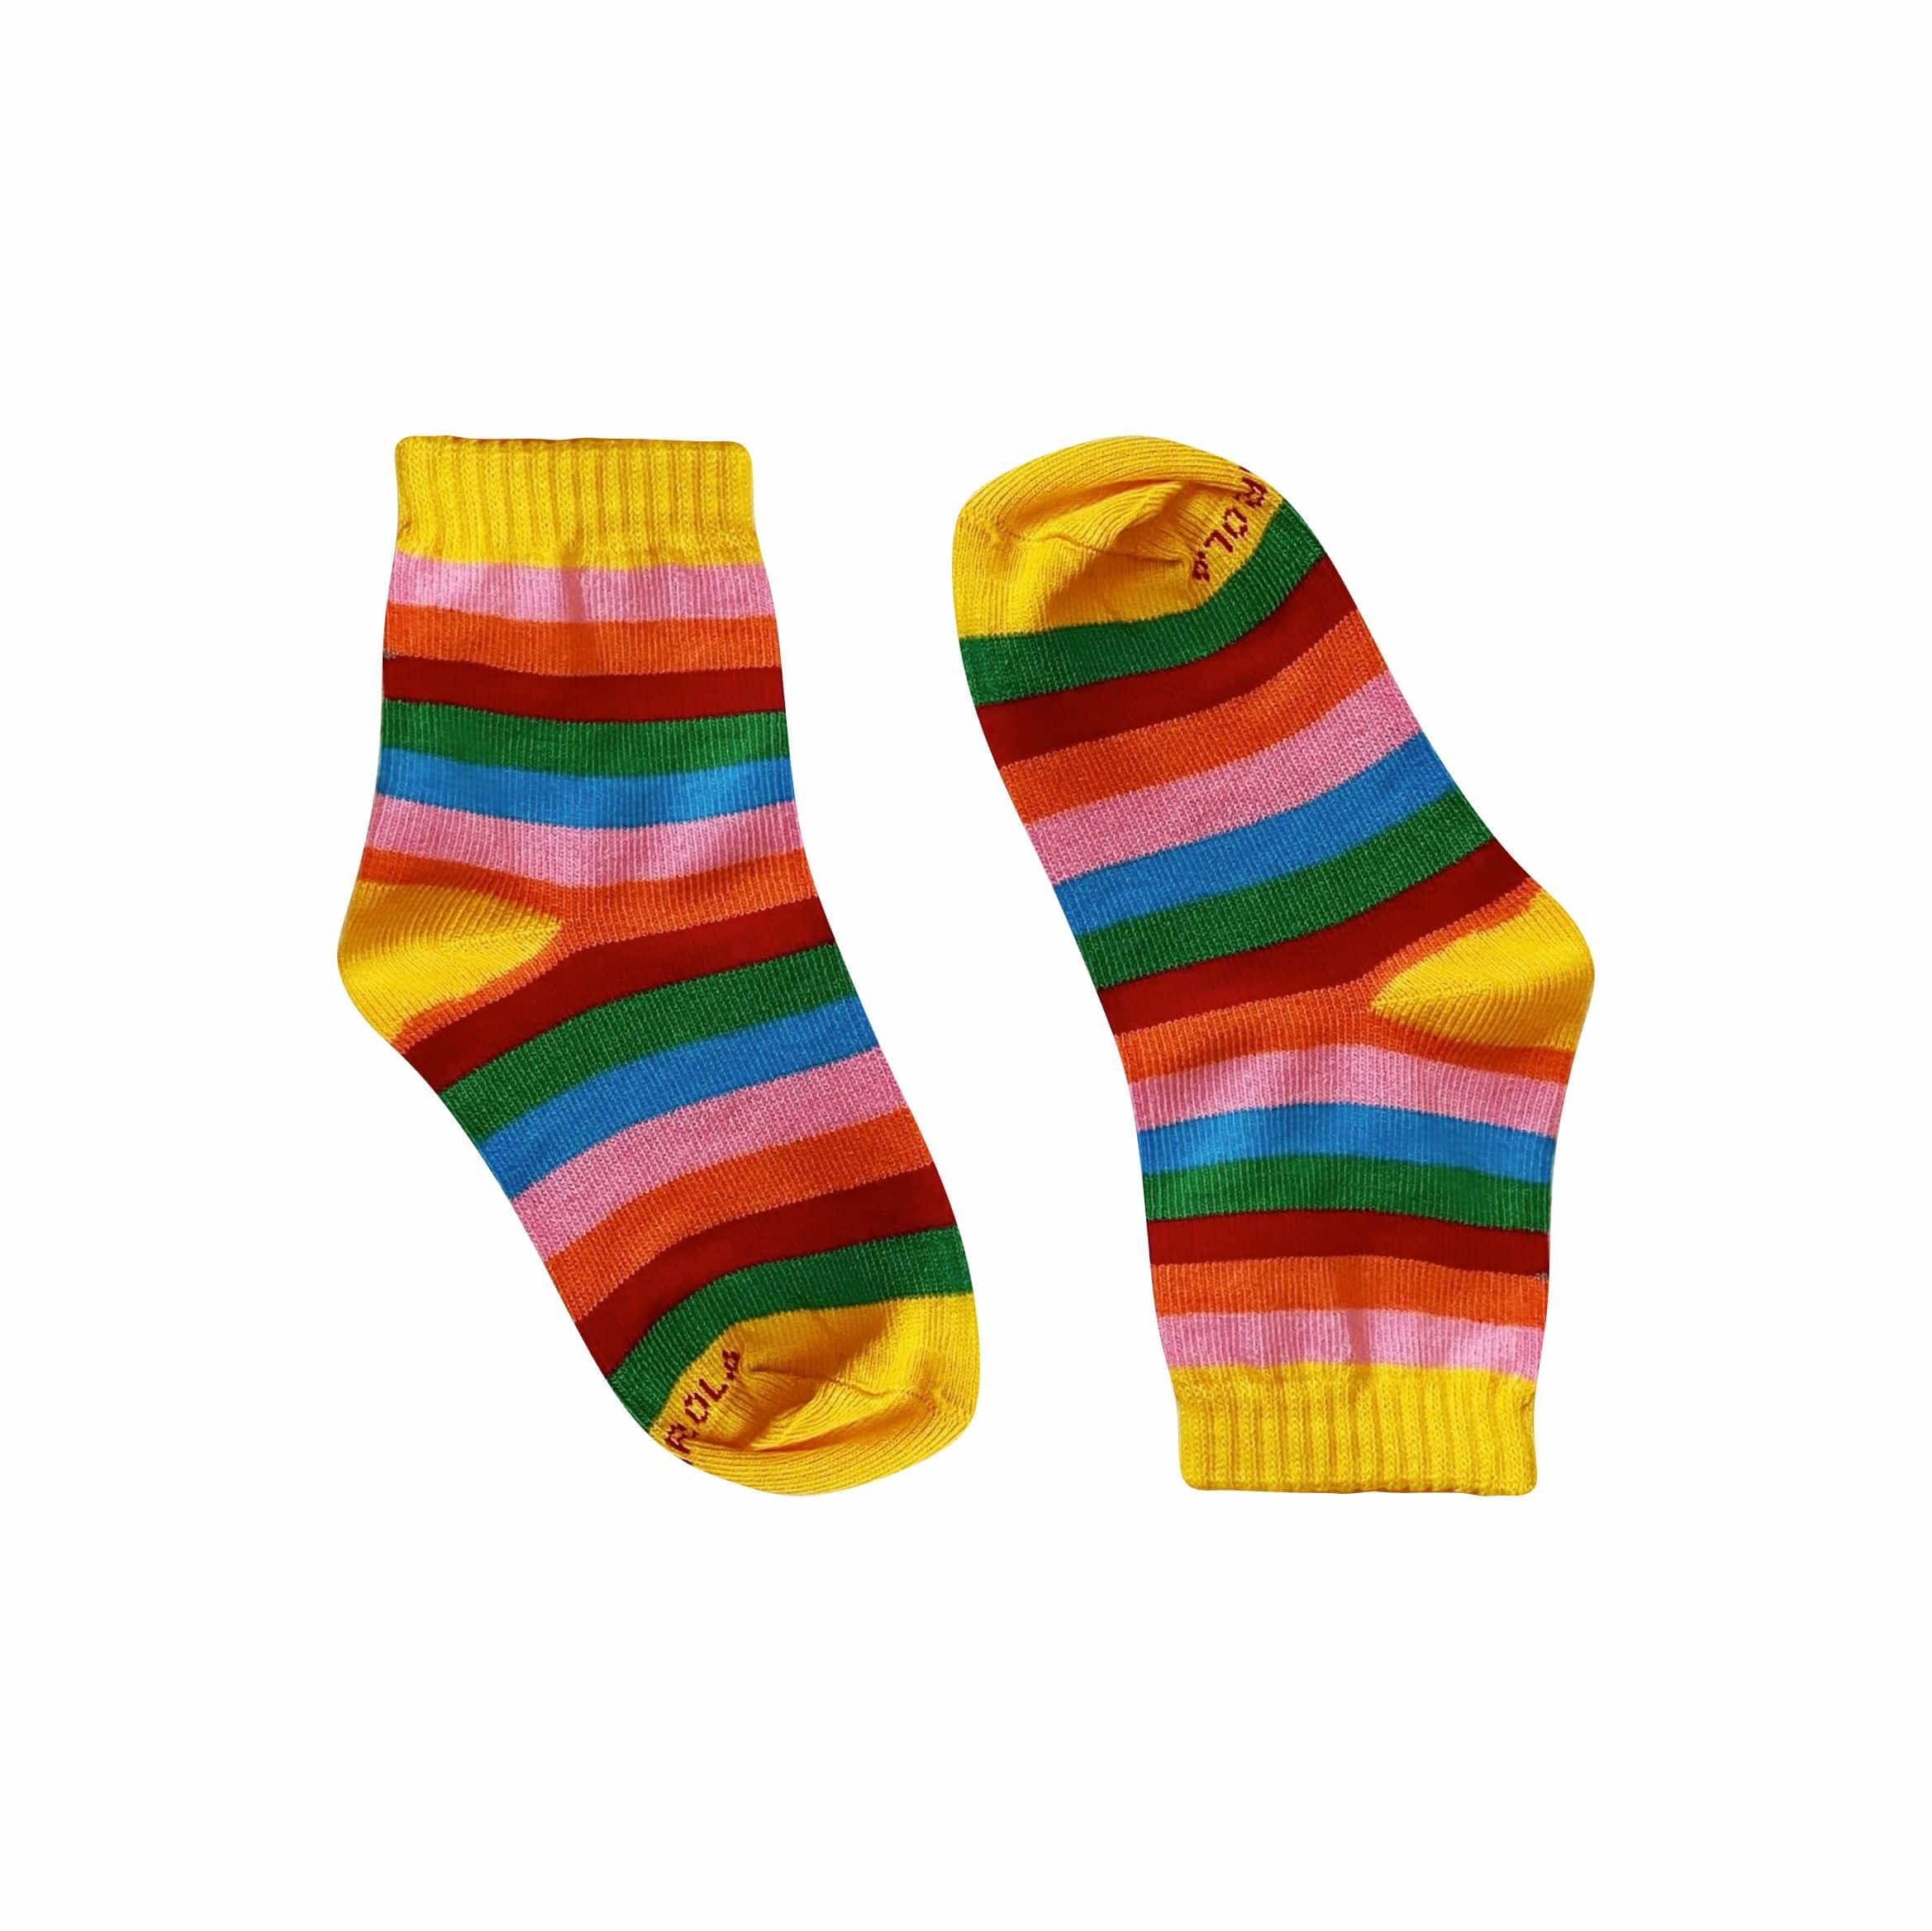 meia-soquete-arco-iris-retro-tam-35-a-39-cantarola